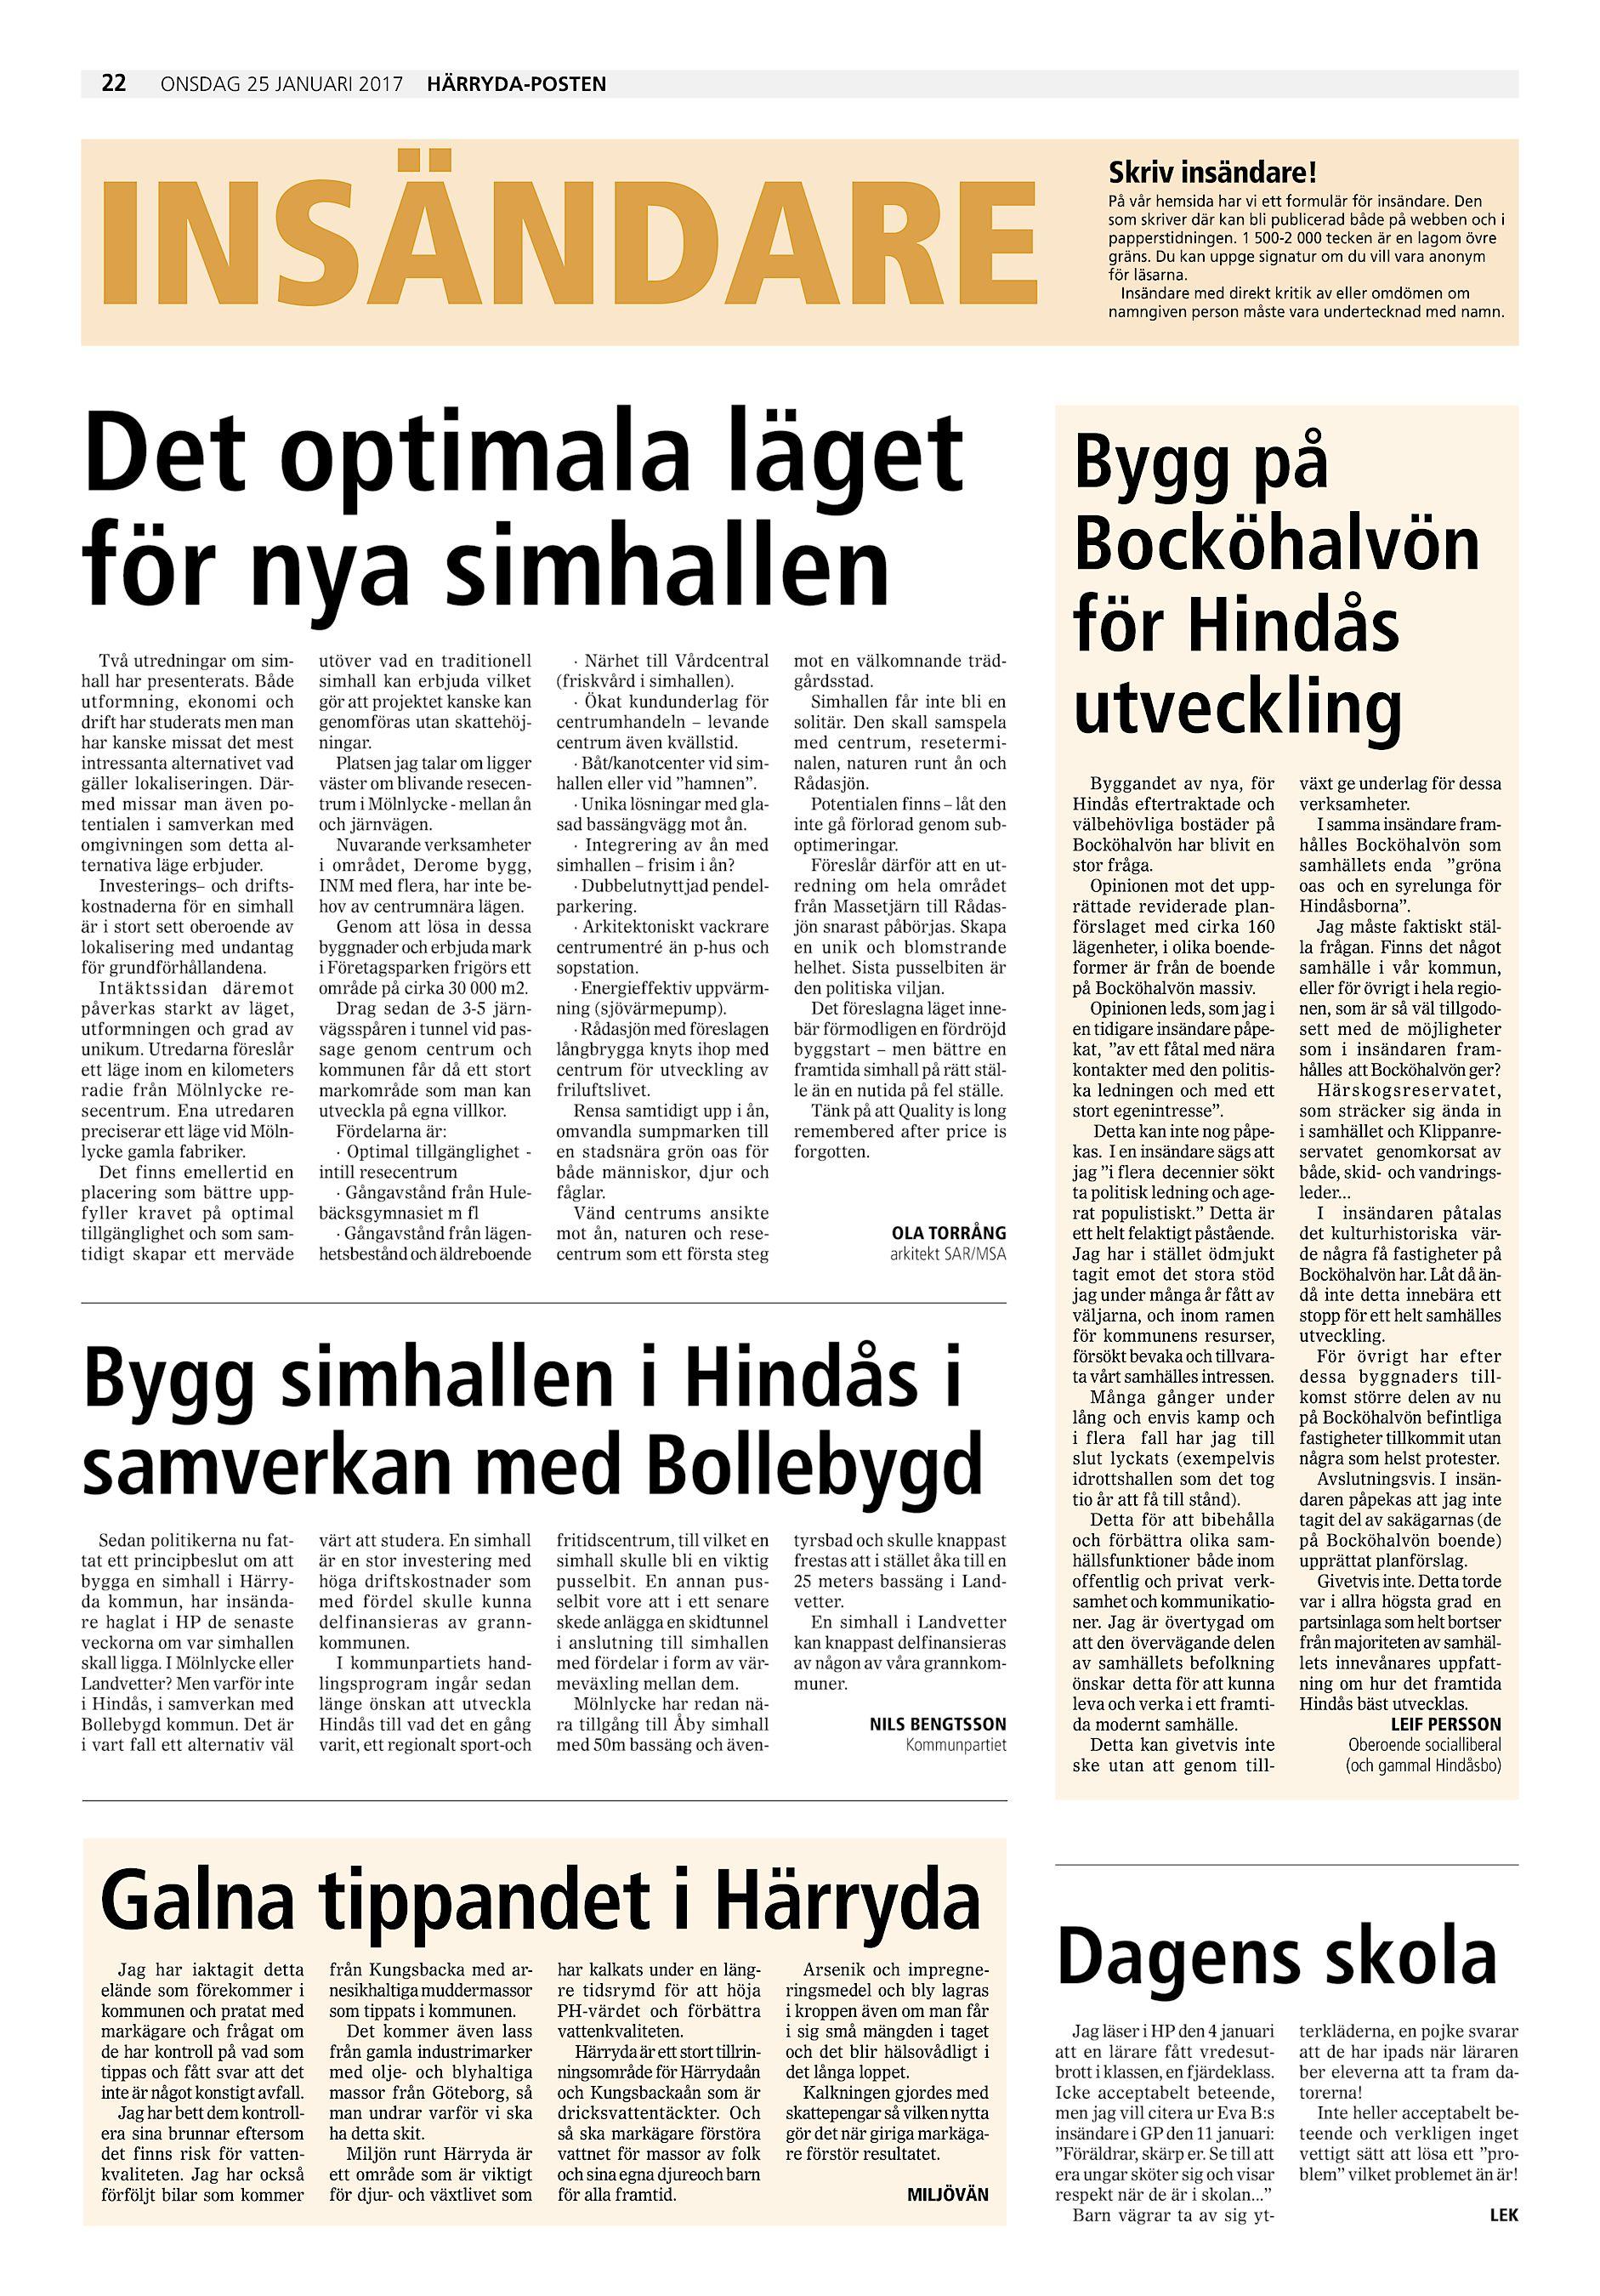 Free Skara, Sweden Events | Eventbrite